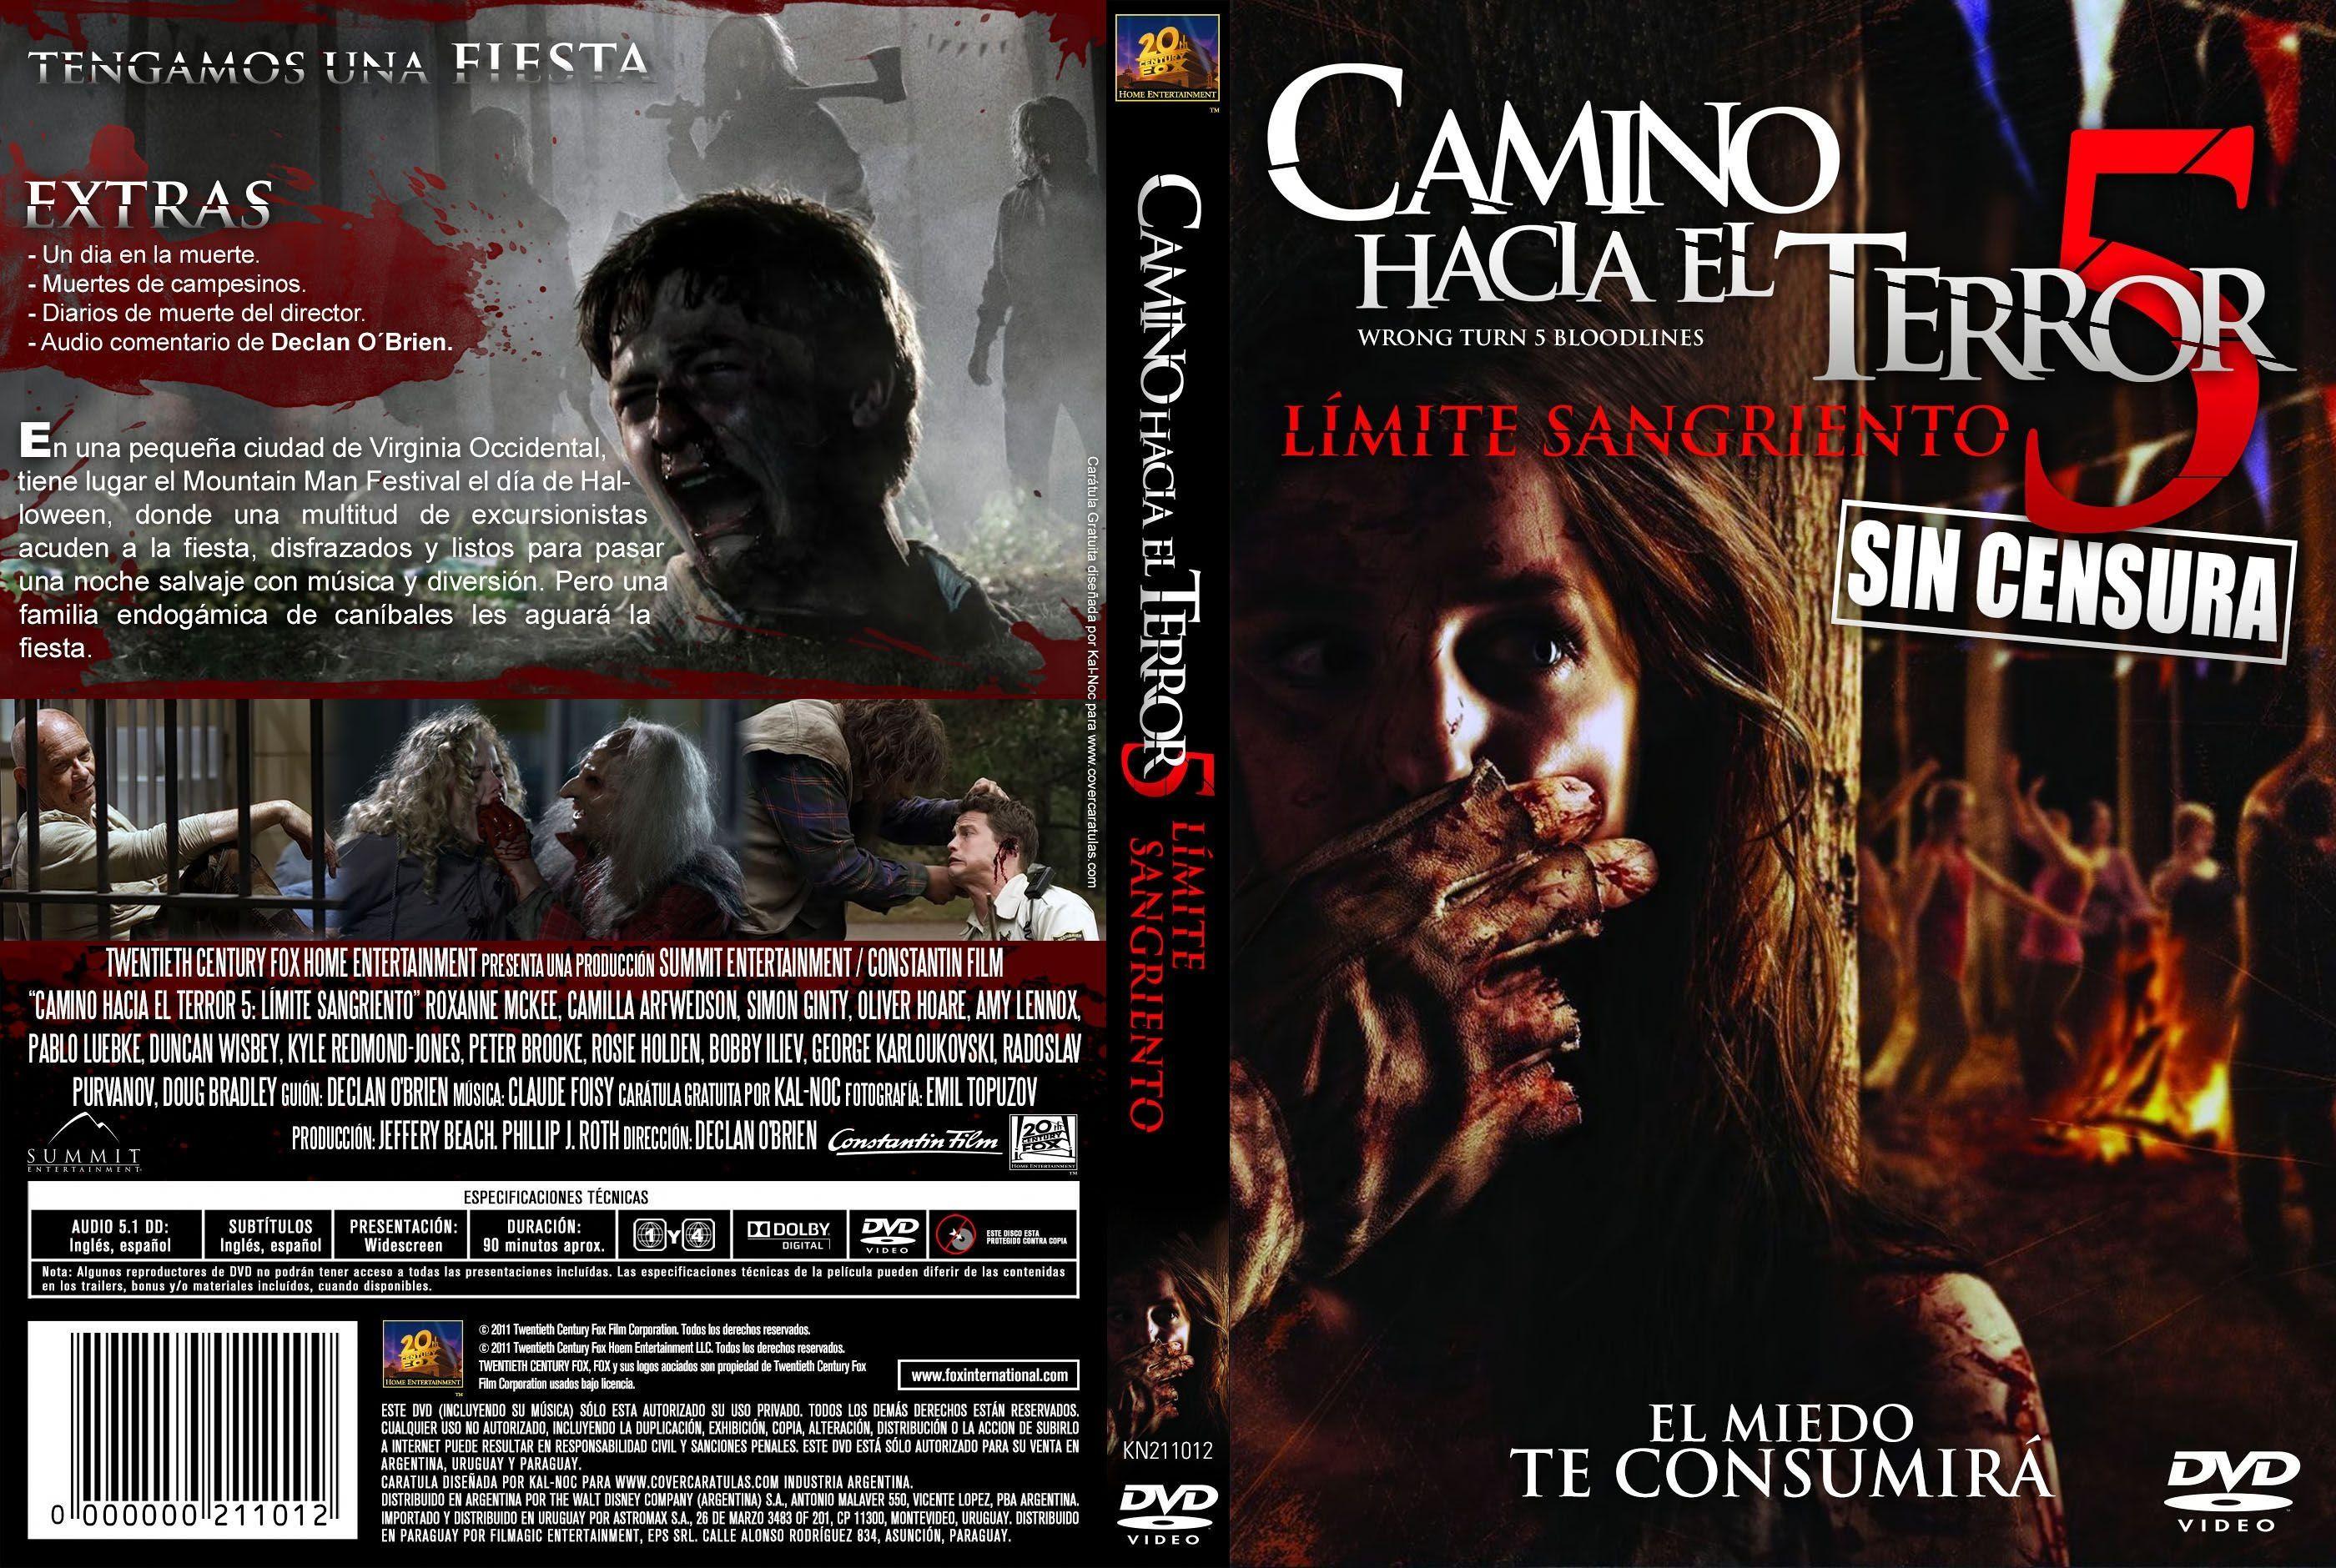 The House Of Sin Dvd ver pelicula camino hacia el terror 5 completas gratis en